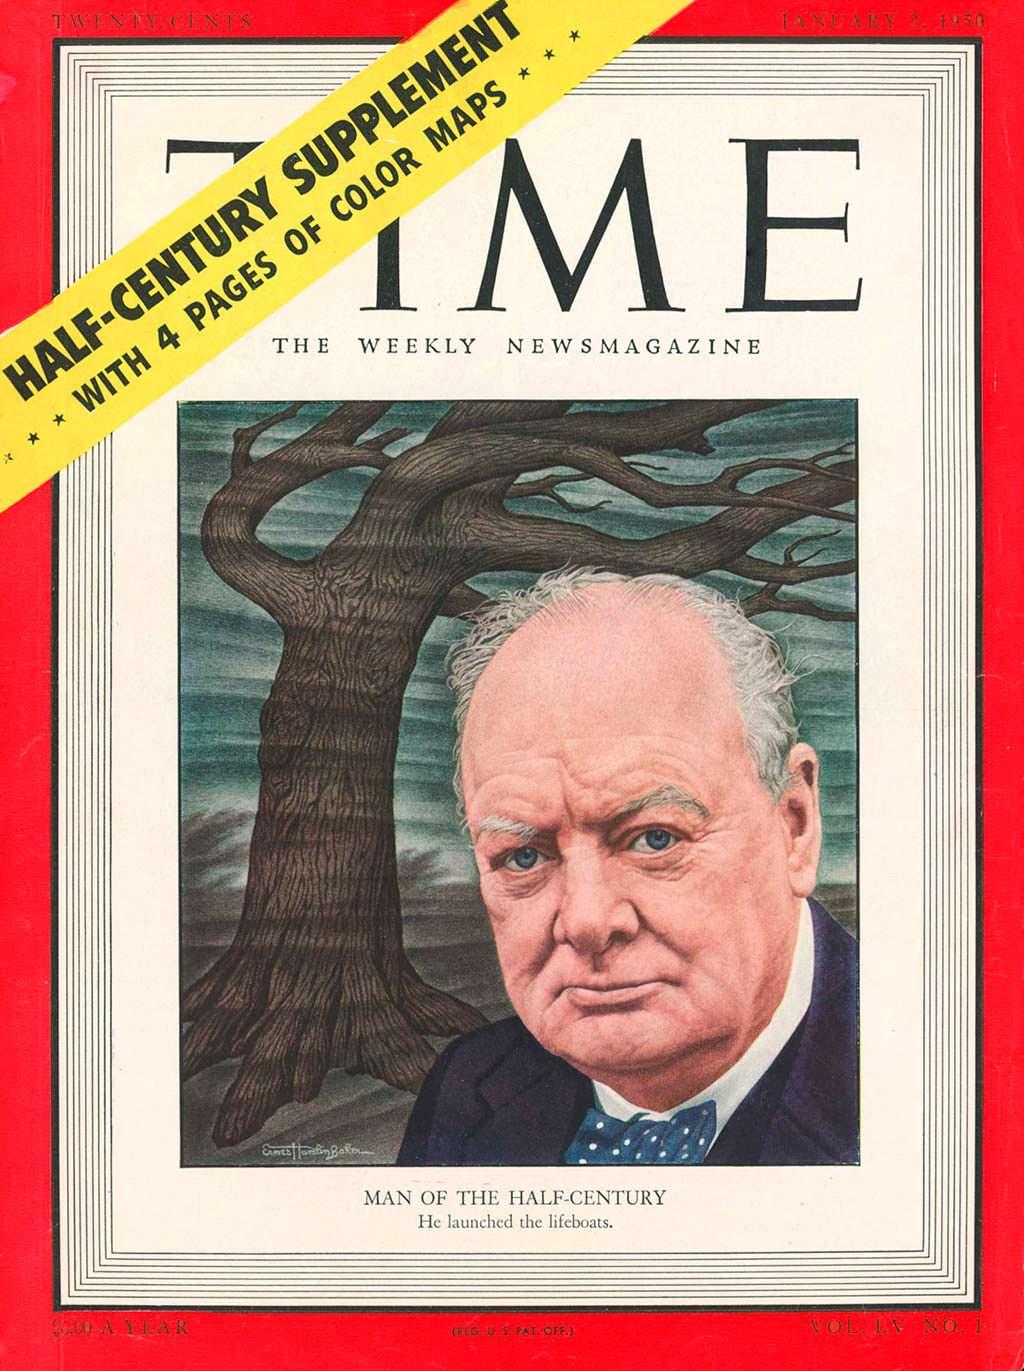 1949 год. Британский премьер Уинстон Черчилль на обложке Time